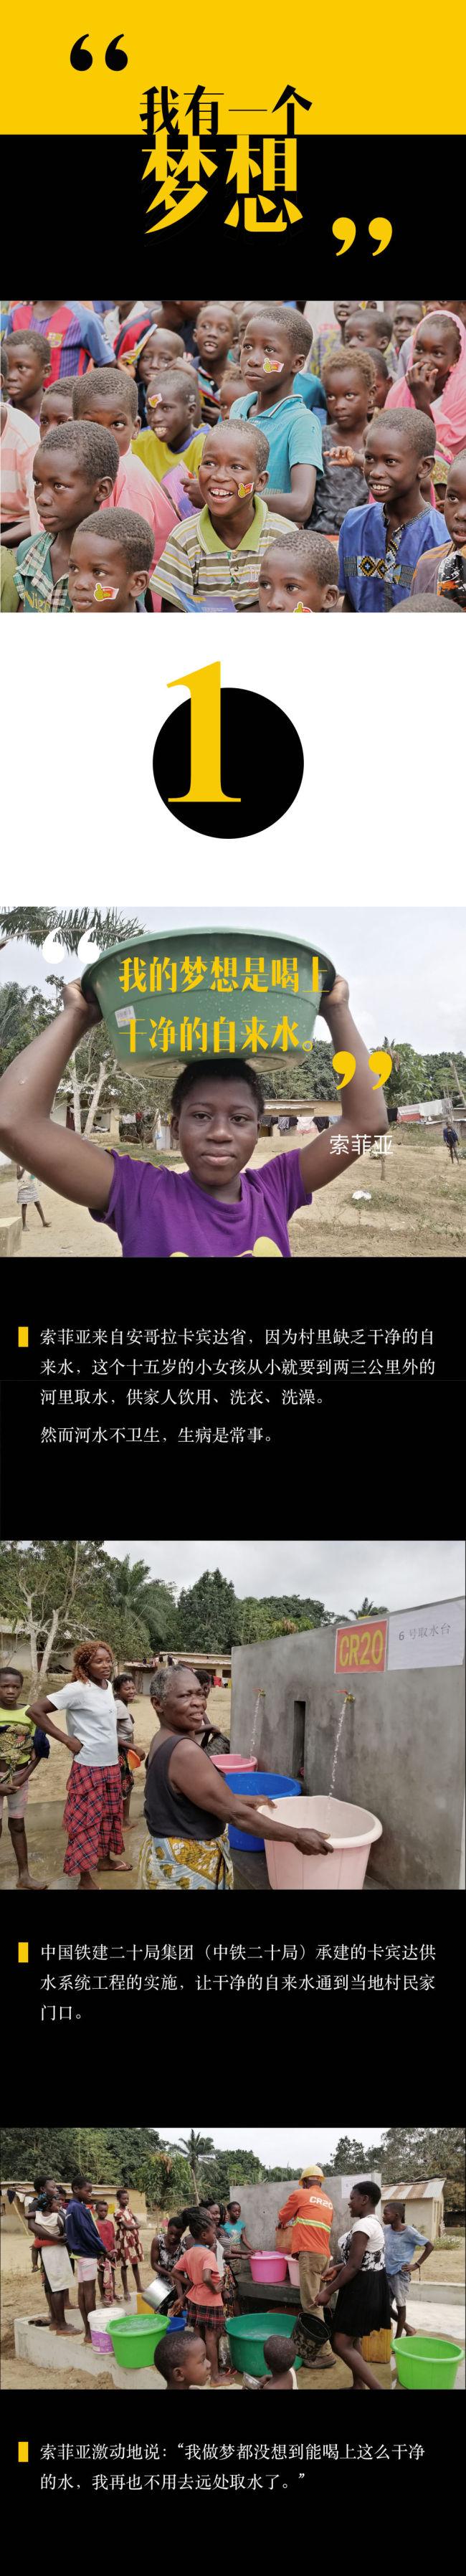 我有一个梦想——非洲孩子们的小小心愿与纯真笑脸